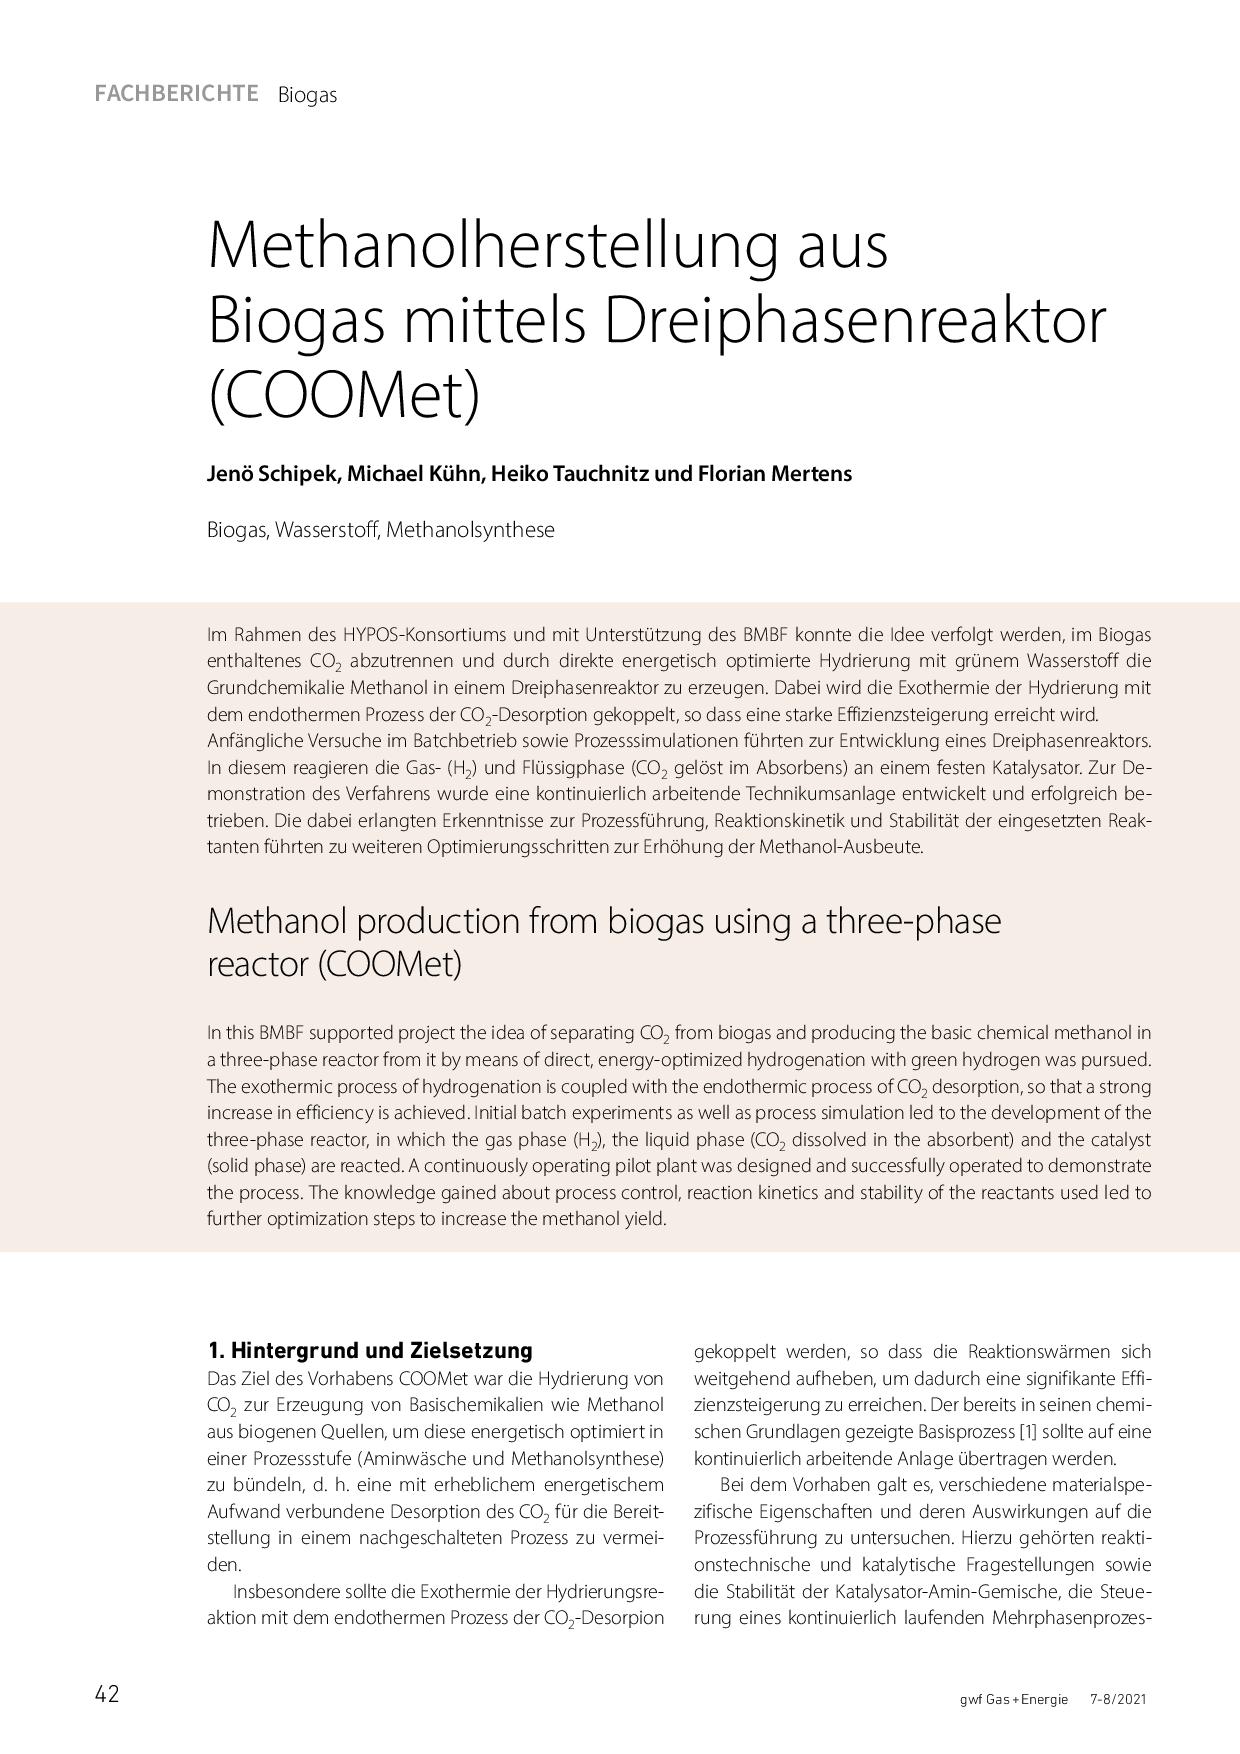 Methanolherstellung aus Biogasmittels Dreiphasenreaktor (COOMet)